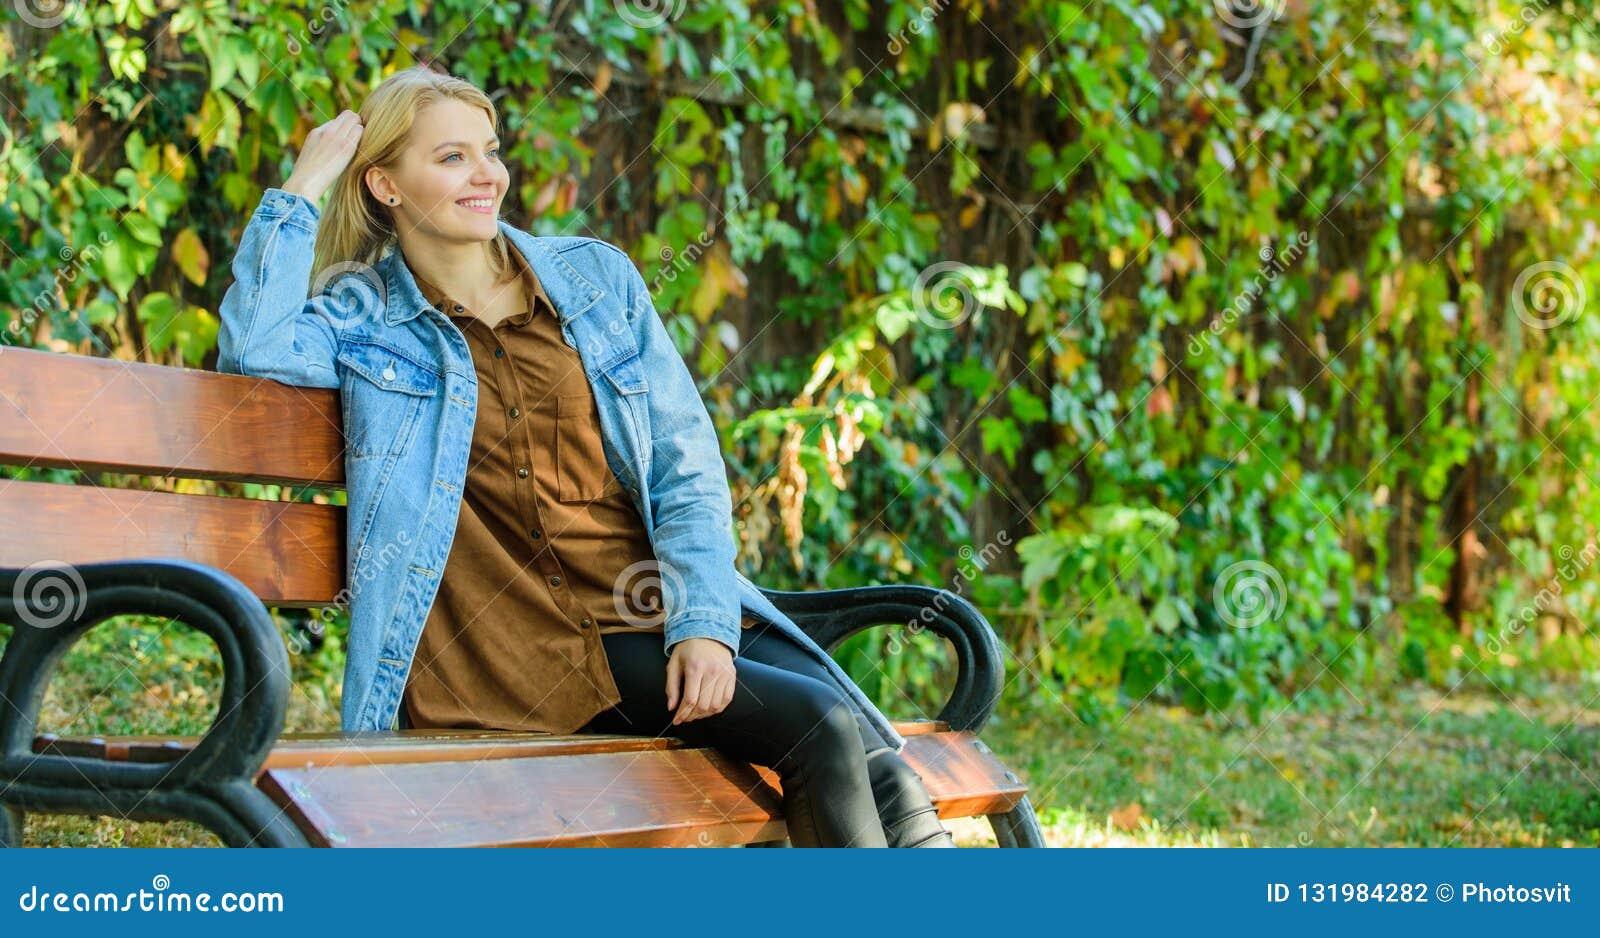 Kobiety blondynki wp8lywy przerwa relaksuje w parku Ty zasługujesz przerwę dla relaksujesz Sposoby ono dawać przerwie i cieszyć s